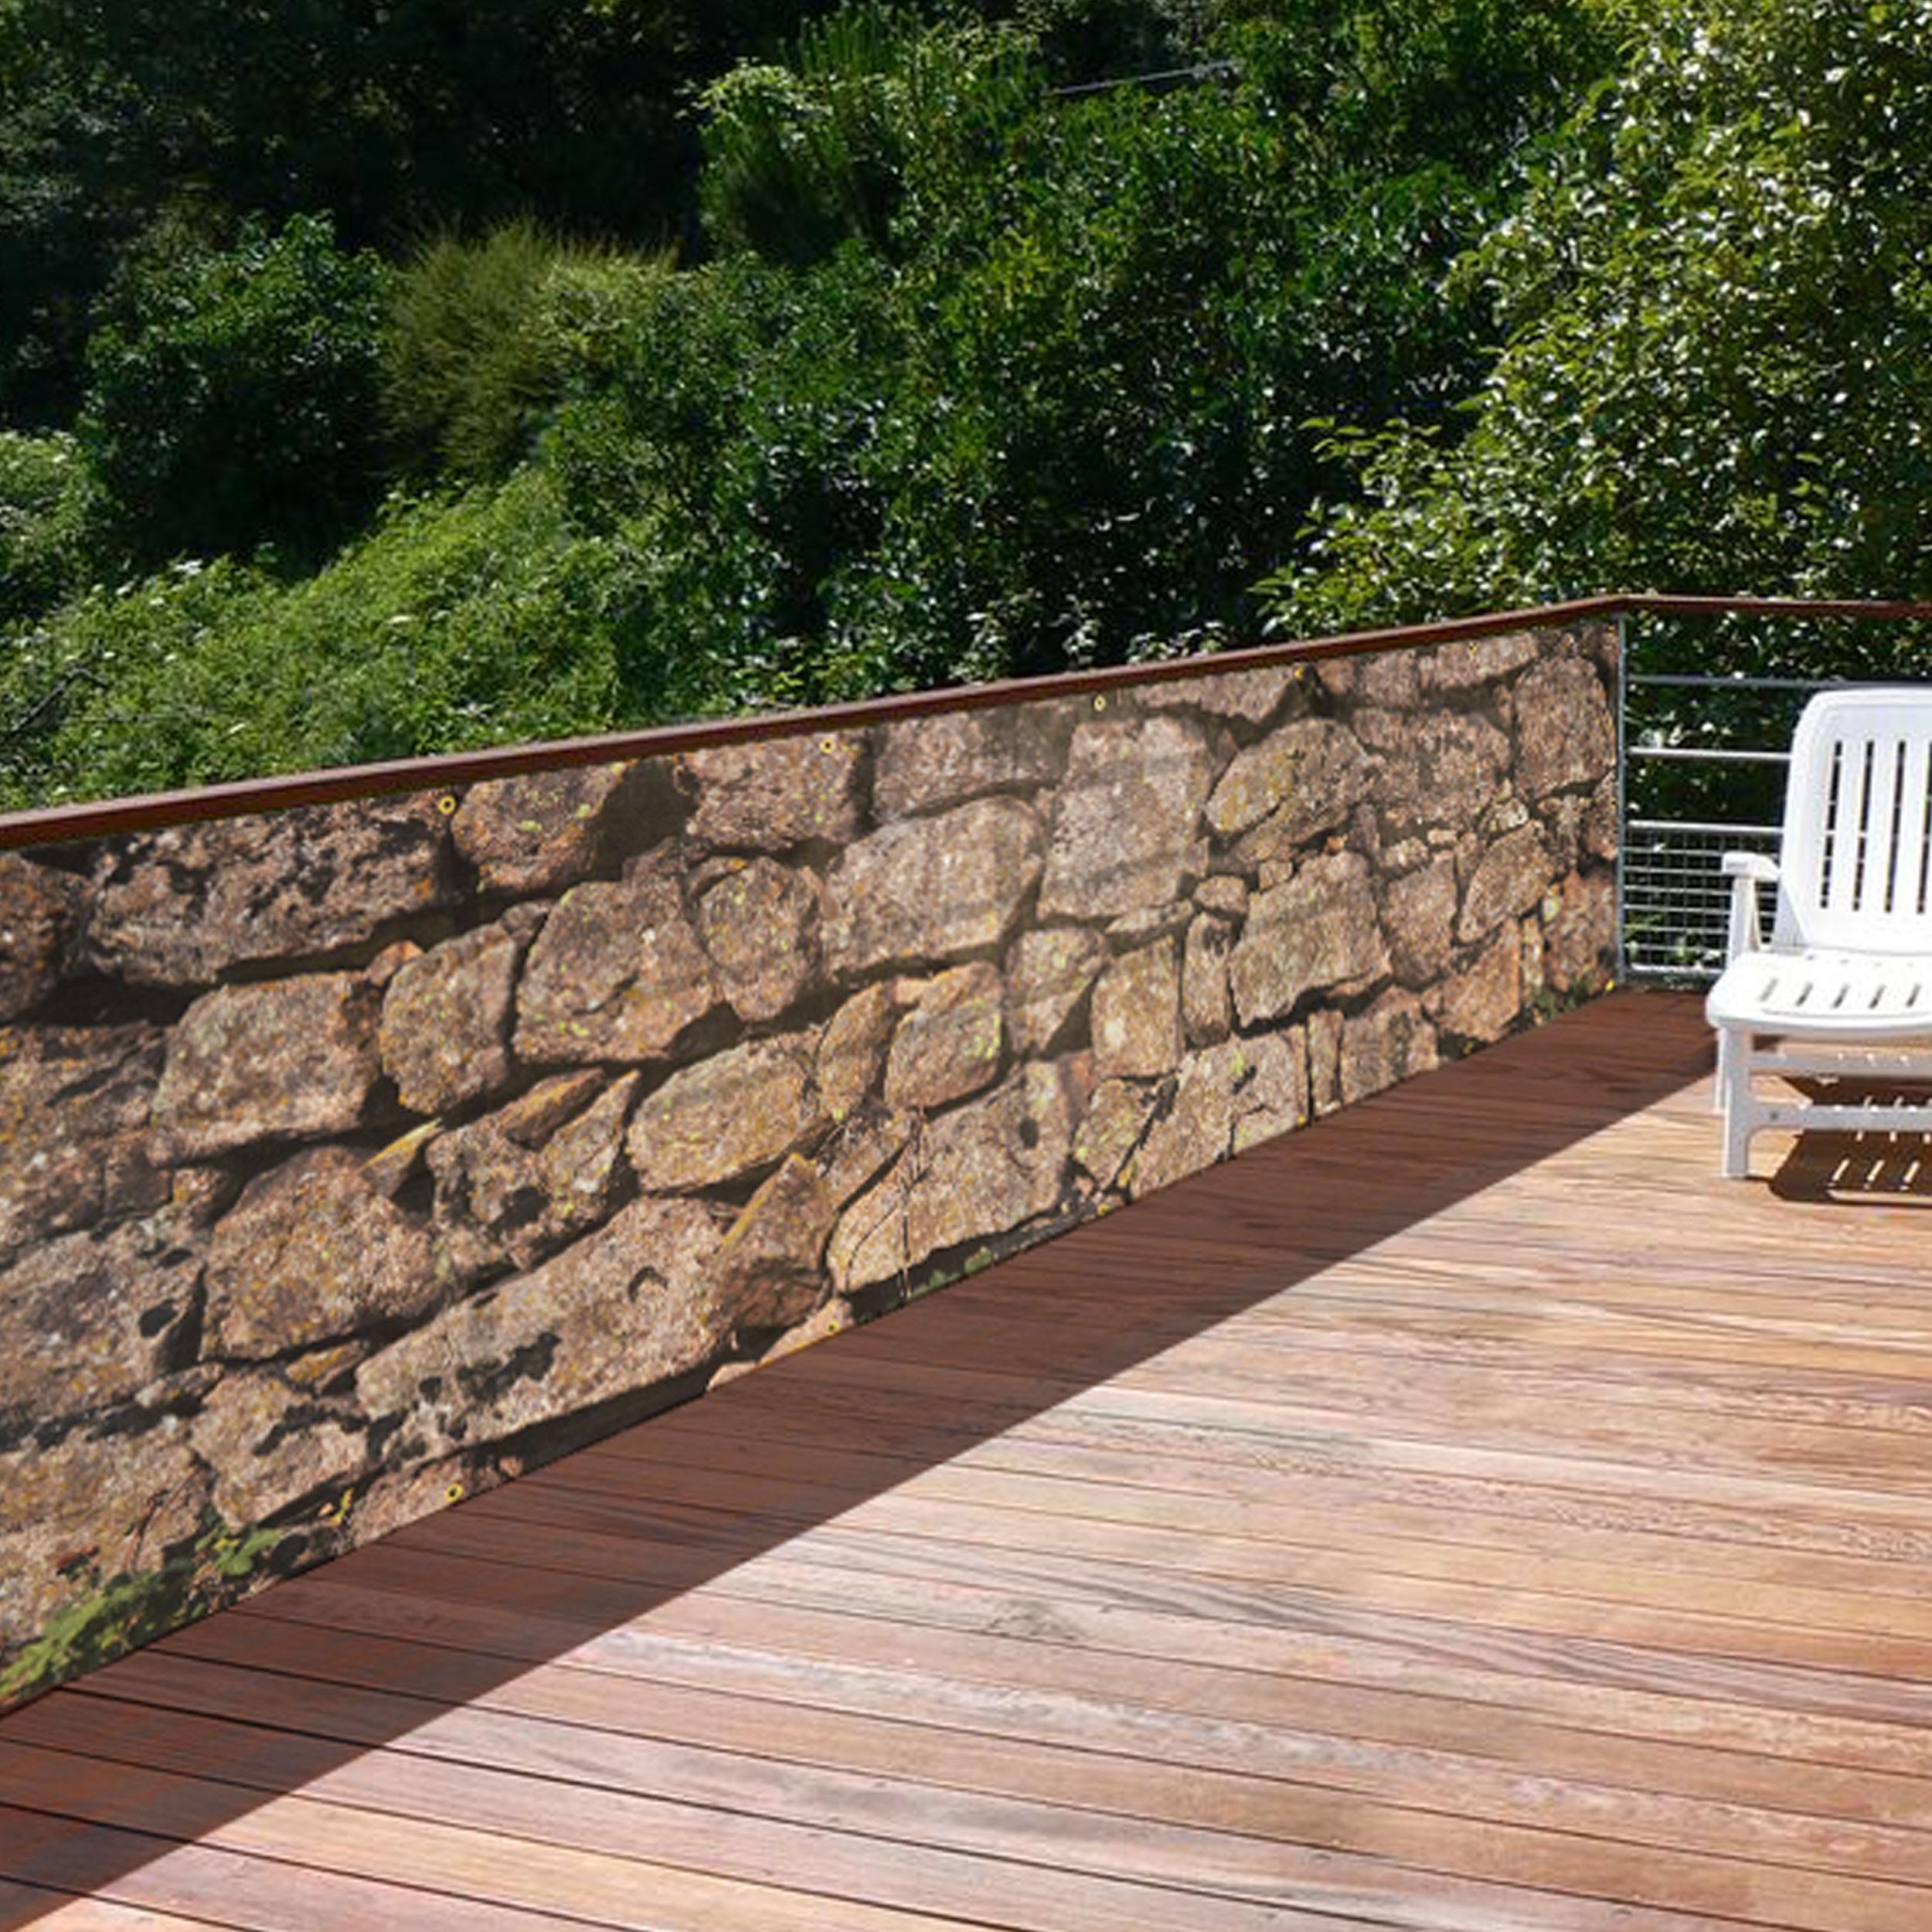 Brise-vue de jardin Muret : découvrez nos brise-vue de jardin Muret ...